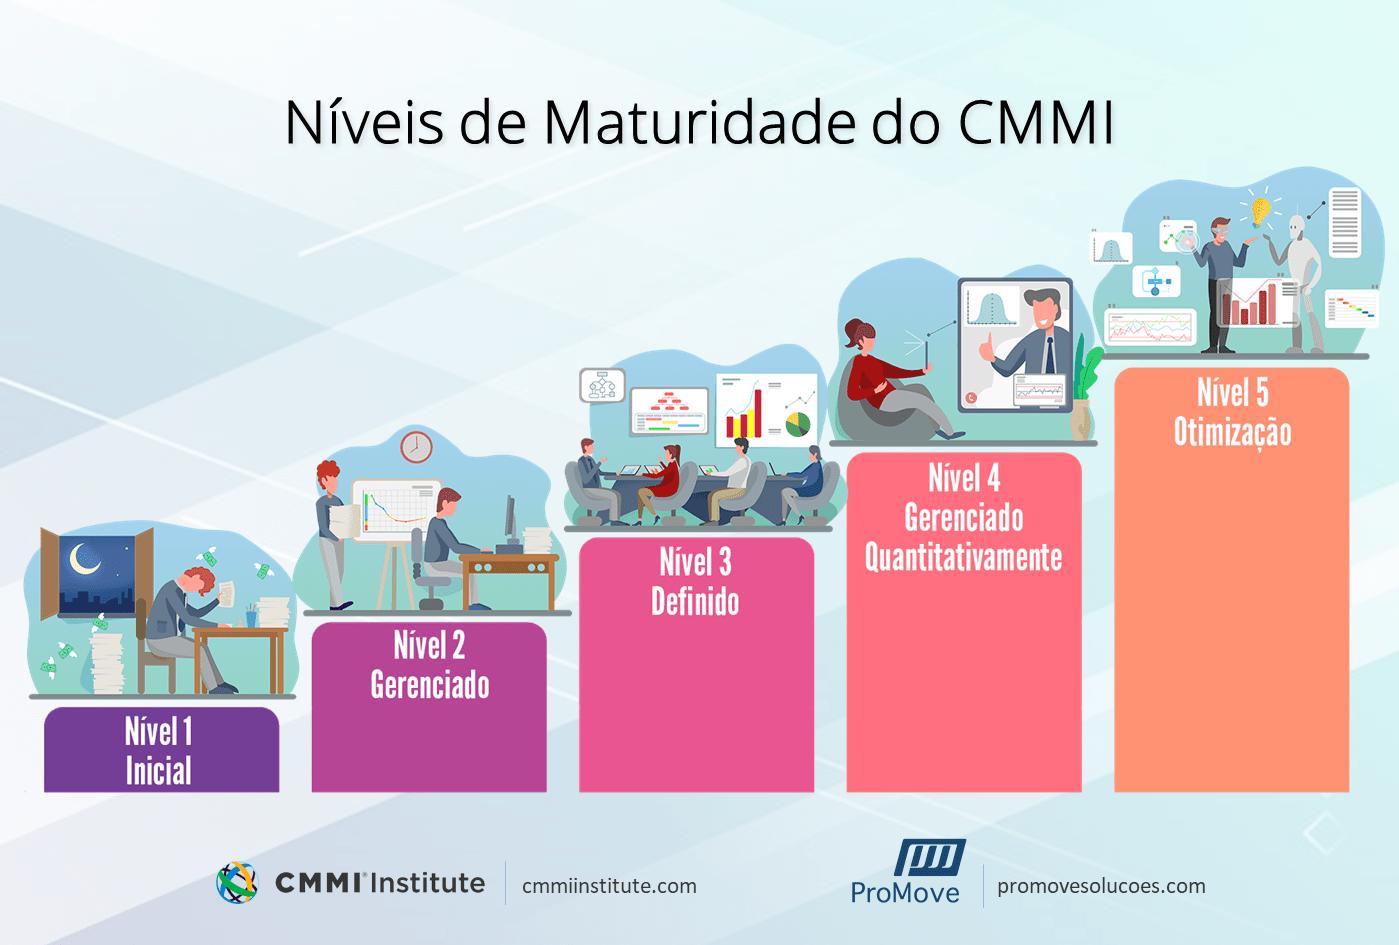 Níveis de Maturidade CMMI: Representação da evolução de uma organização a medida que vai alcançando os níveis de maturidade do CMMI.